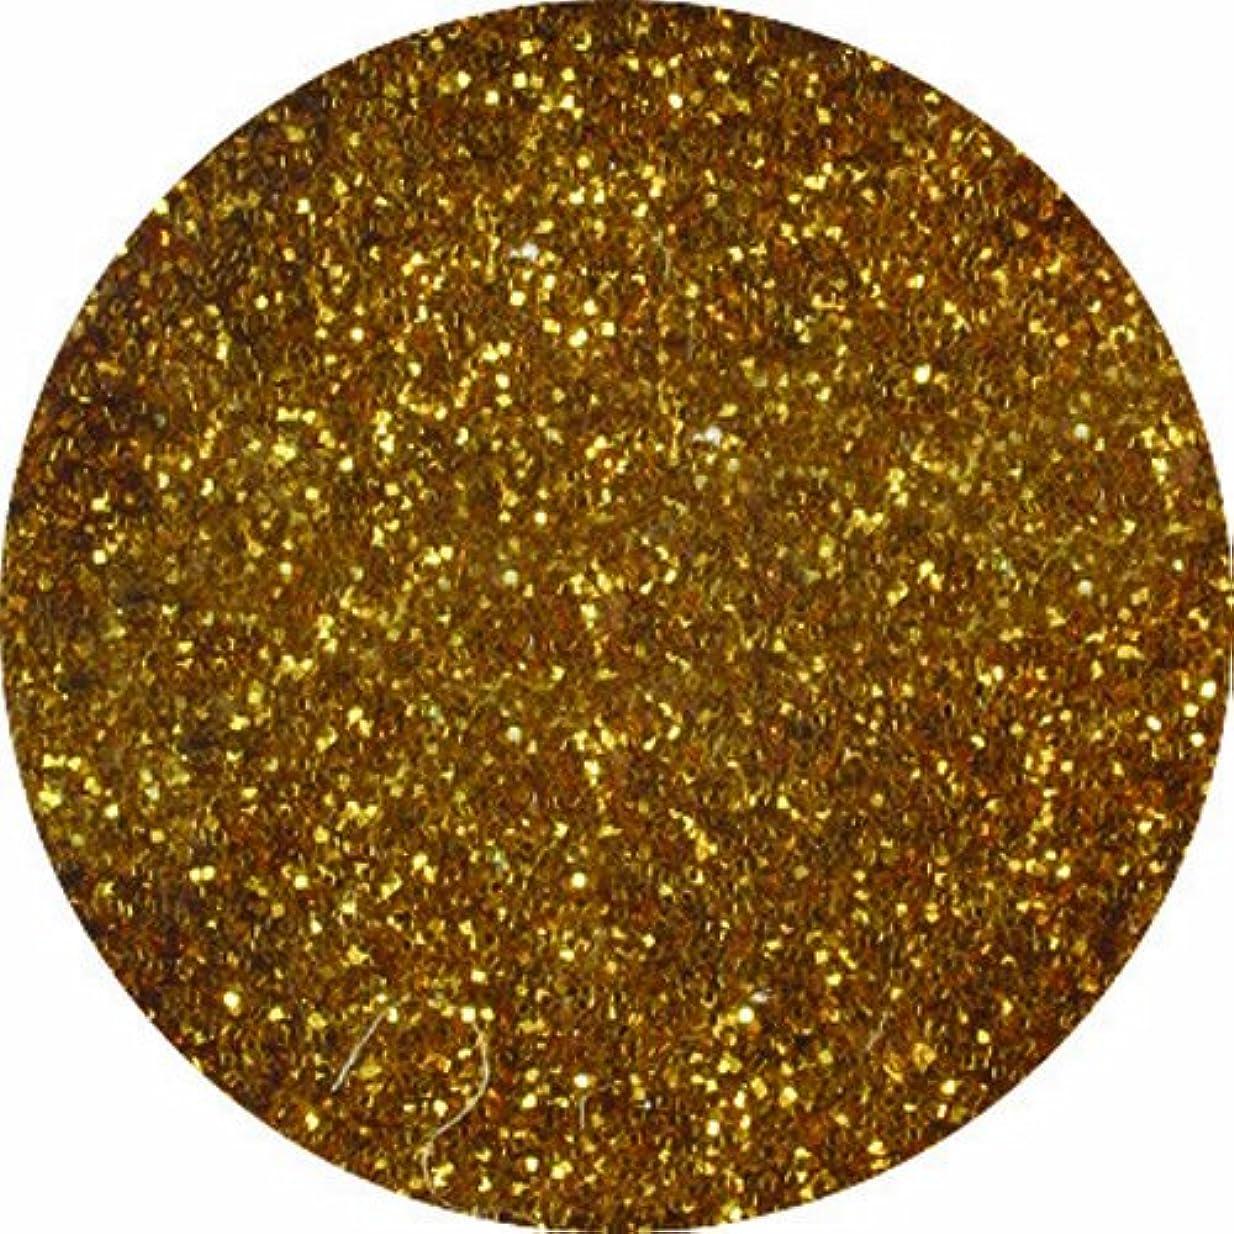 可能性ロッジノベルティビューティーネイラー ネイル用パウダー 黒崎えり子ジュエリーコレクション ダークゴールド0.05mm